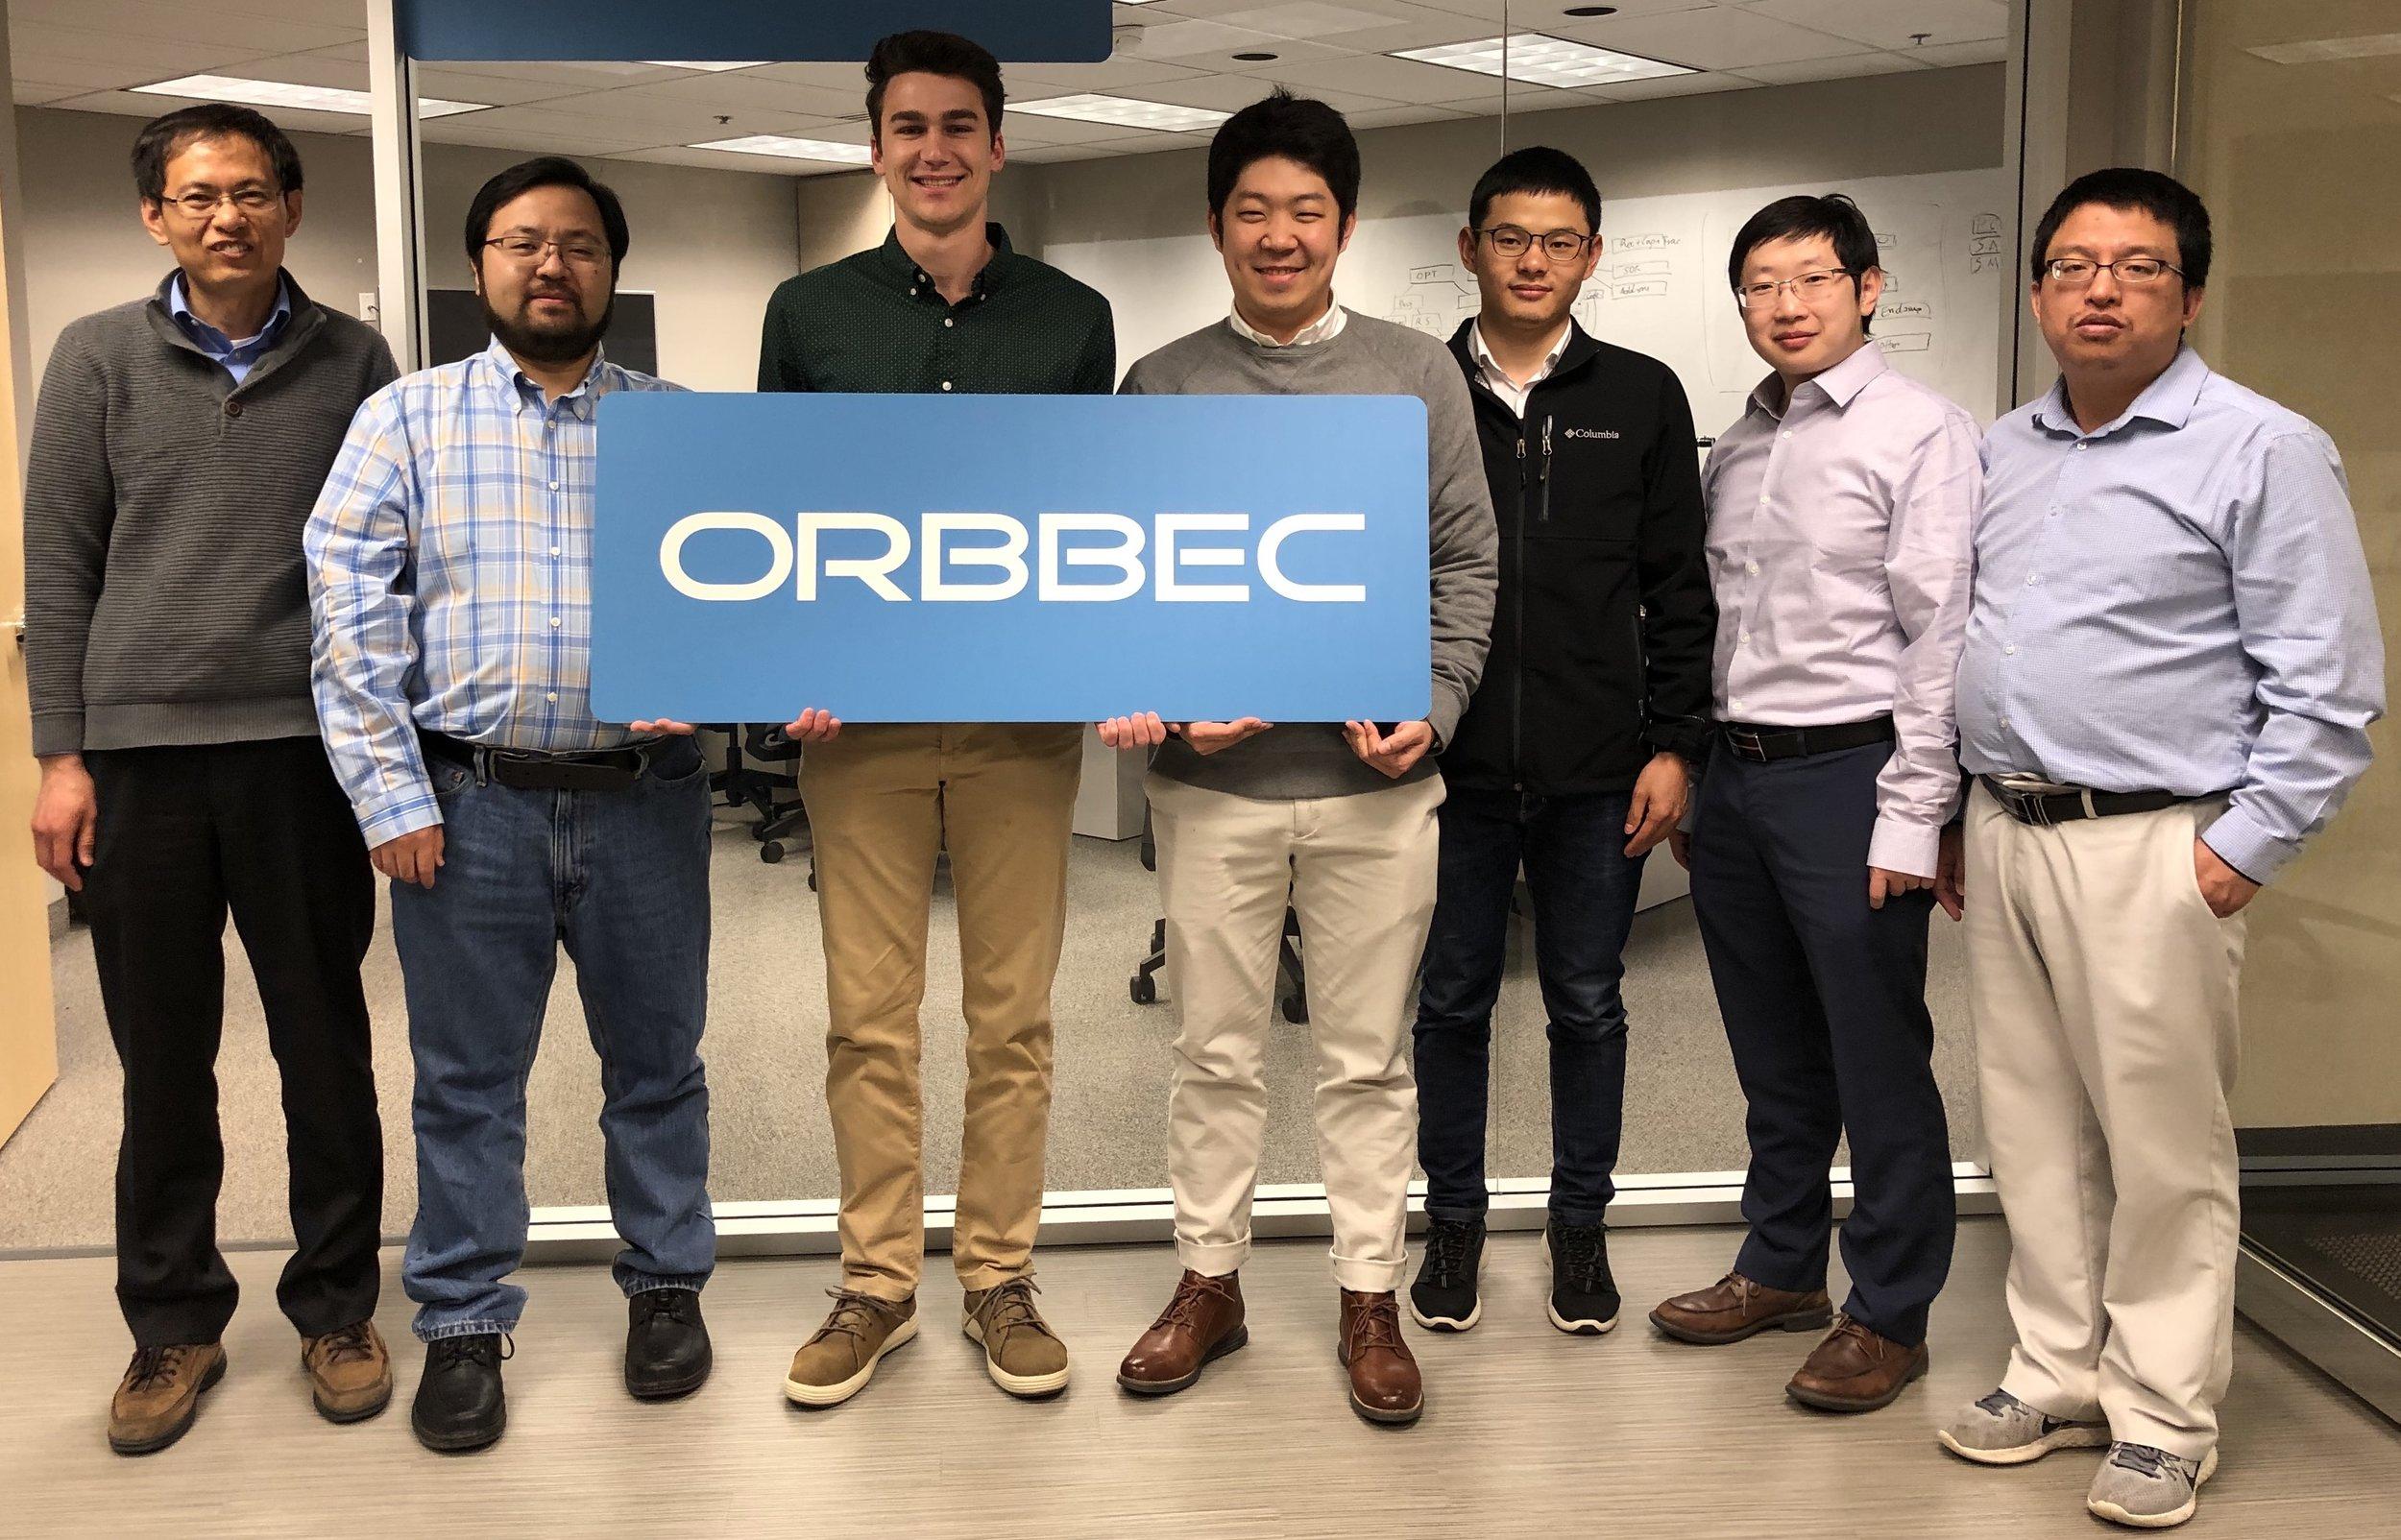 2019 Orbbec visits